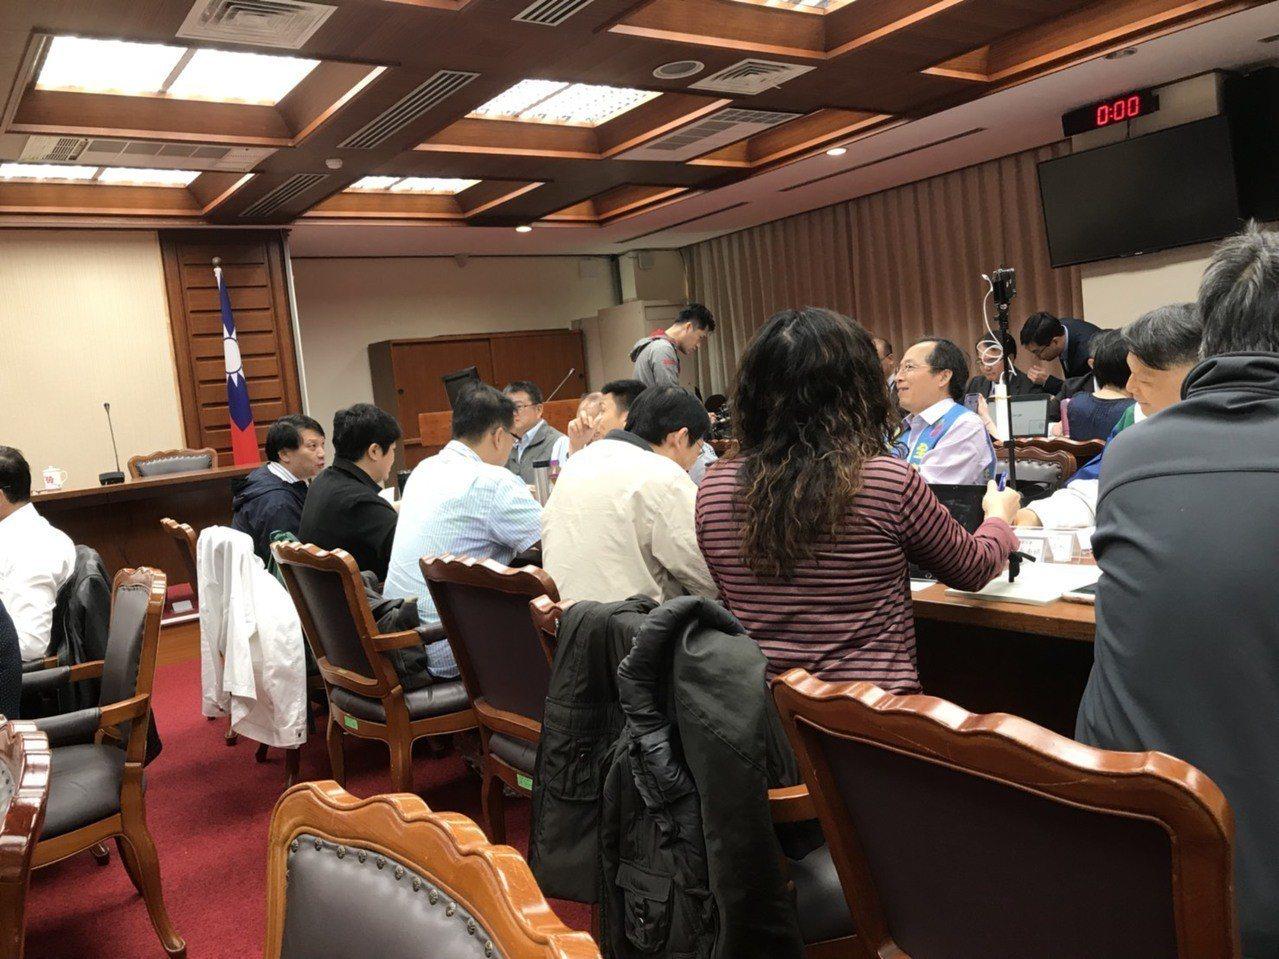 教師法修法爭議不休,立法院暫緩逐條審查,先辦座談會。 圖╱聯合報系資料照片